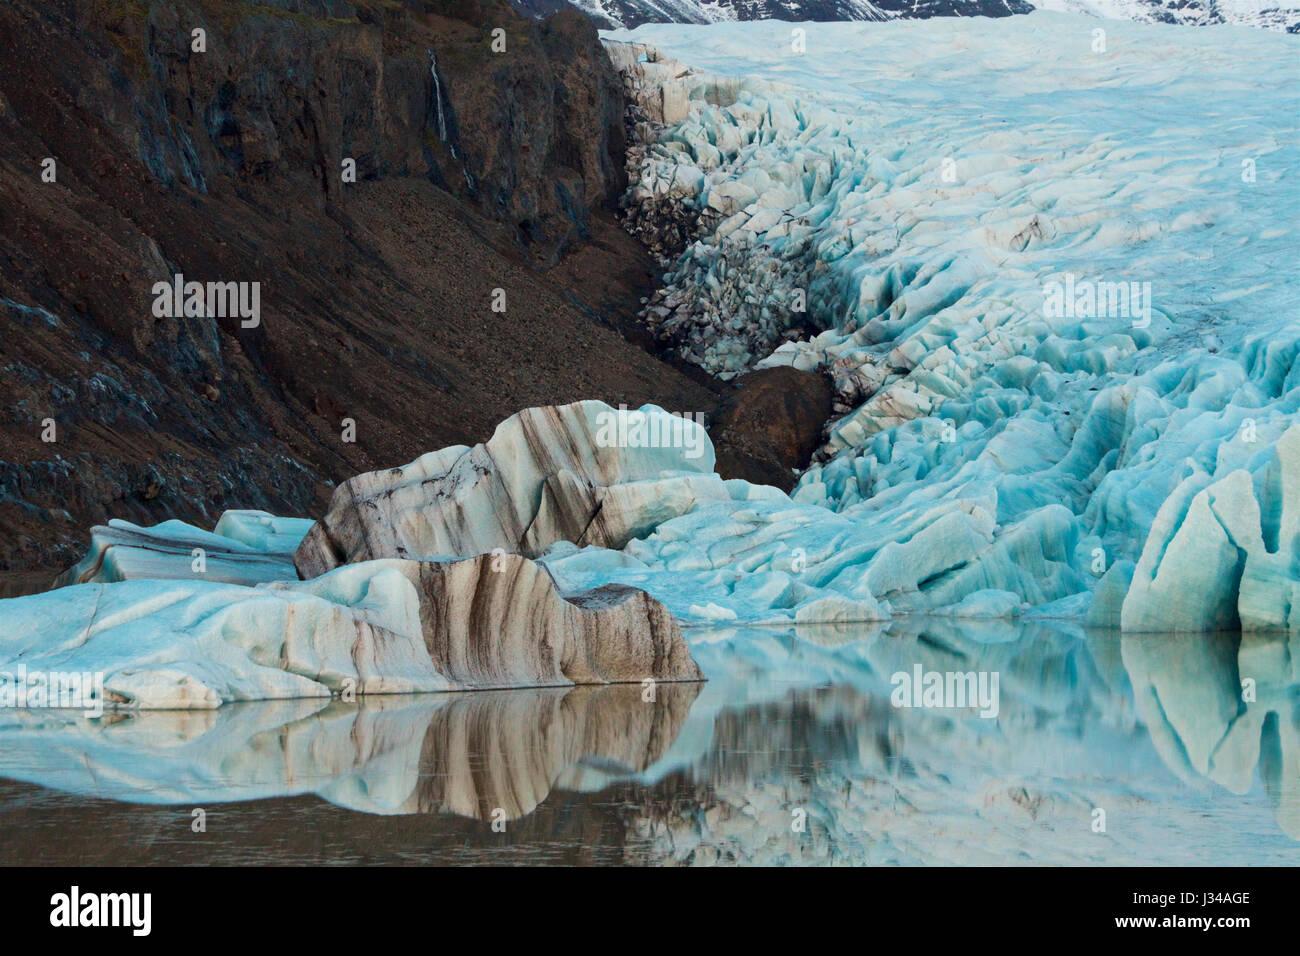 Las formas resistentes de hielo glaciar, con su característico color azul cobalto. glaciar Vatnajokull, Islandia. Imagen De Stock